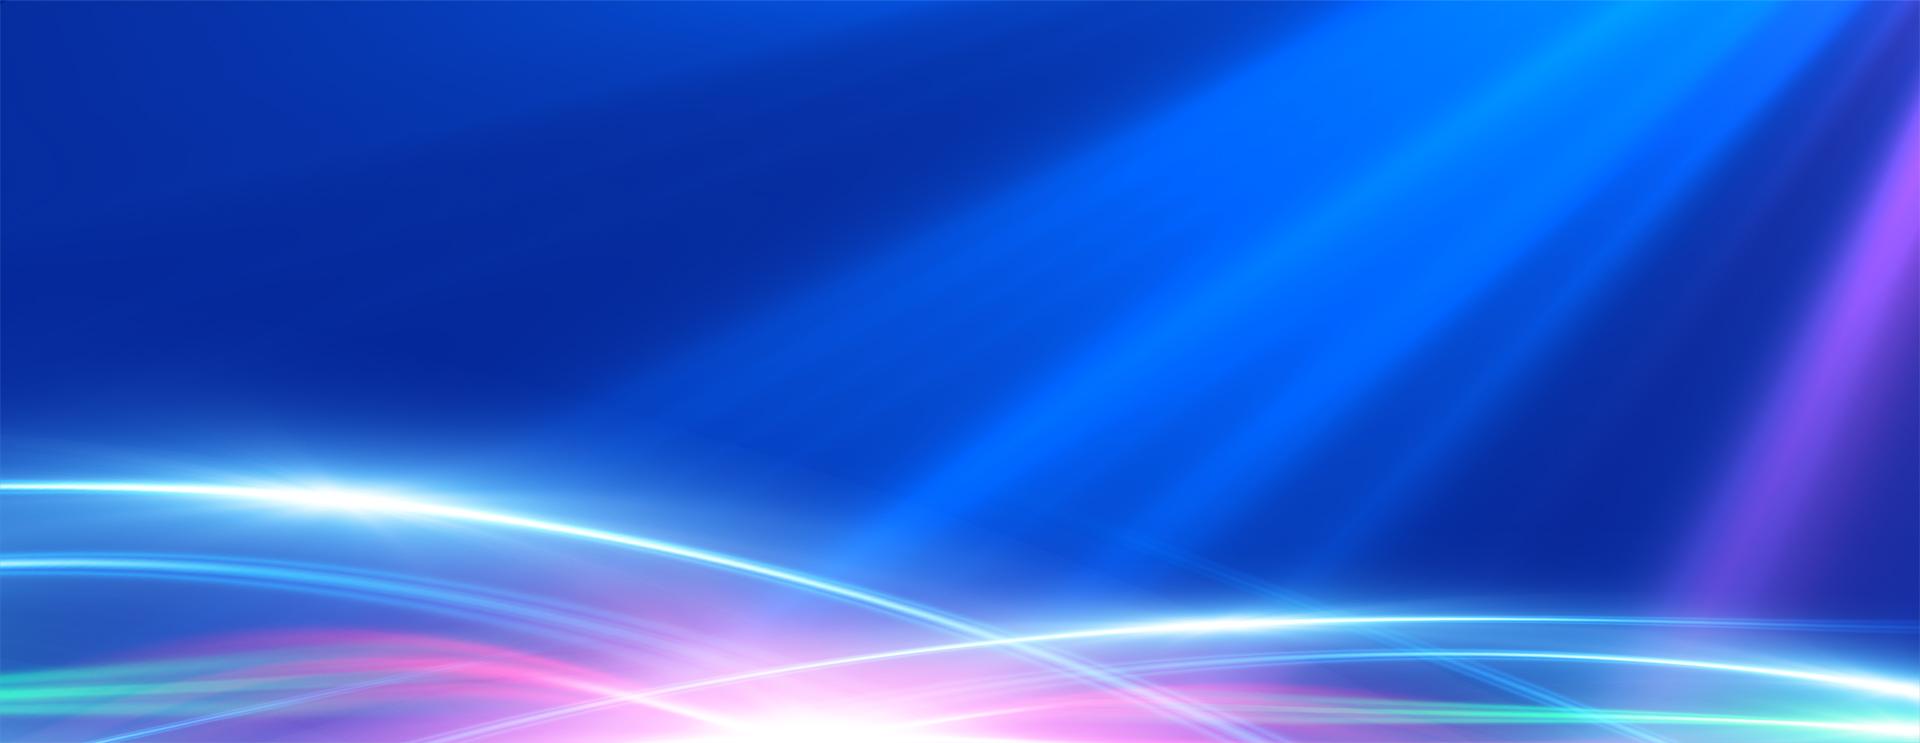 ลำแสงสีฟ้าพื้นหลัง